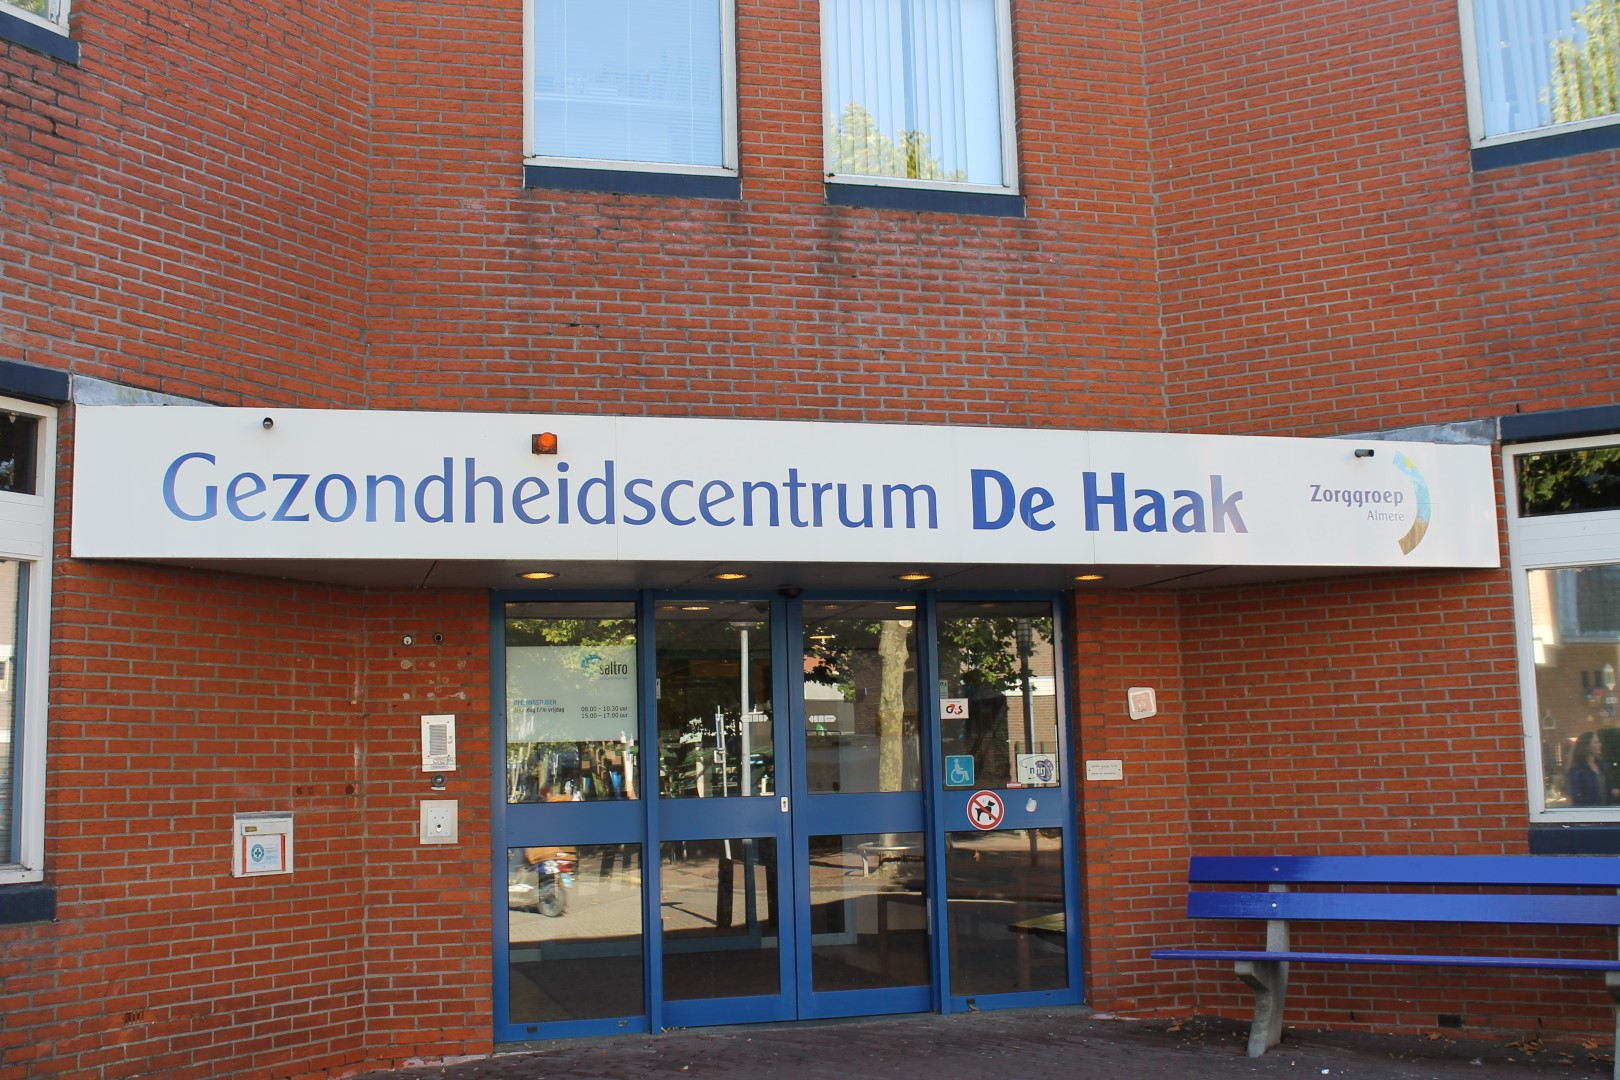 Gezondheidscentrum De Haak